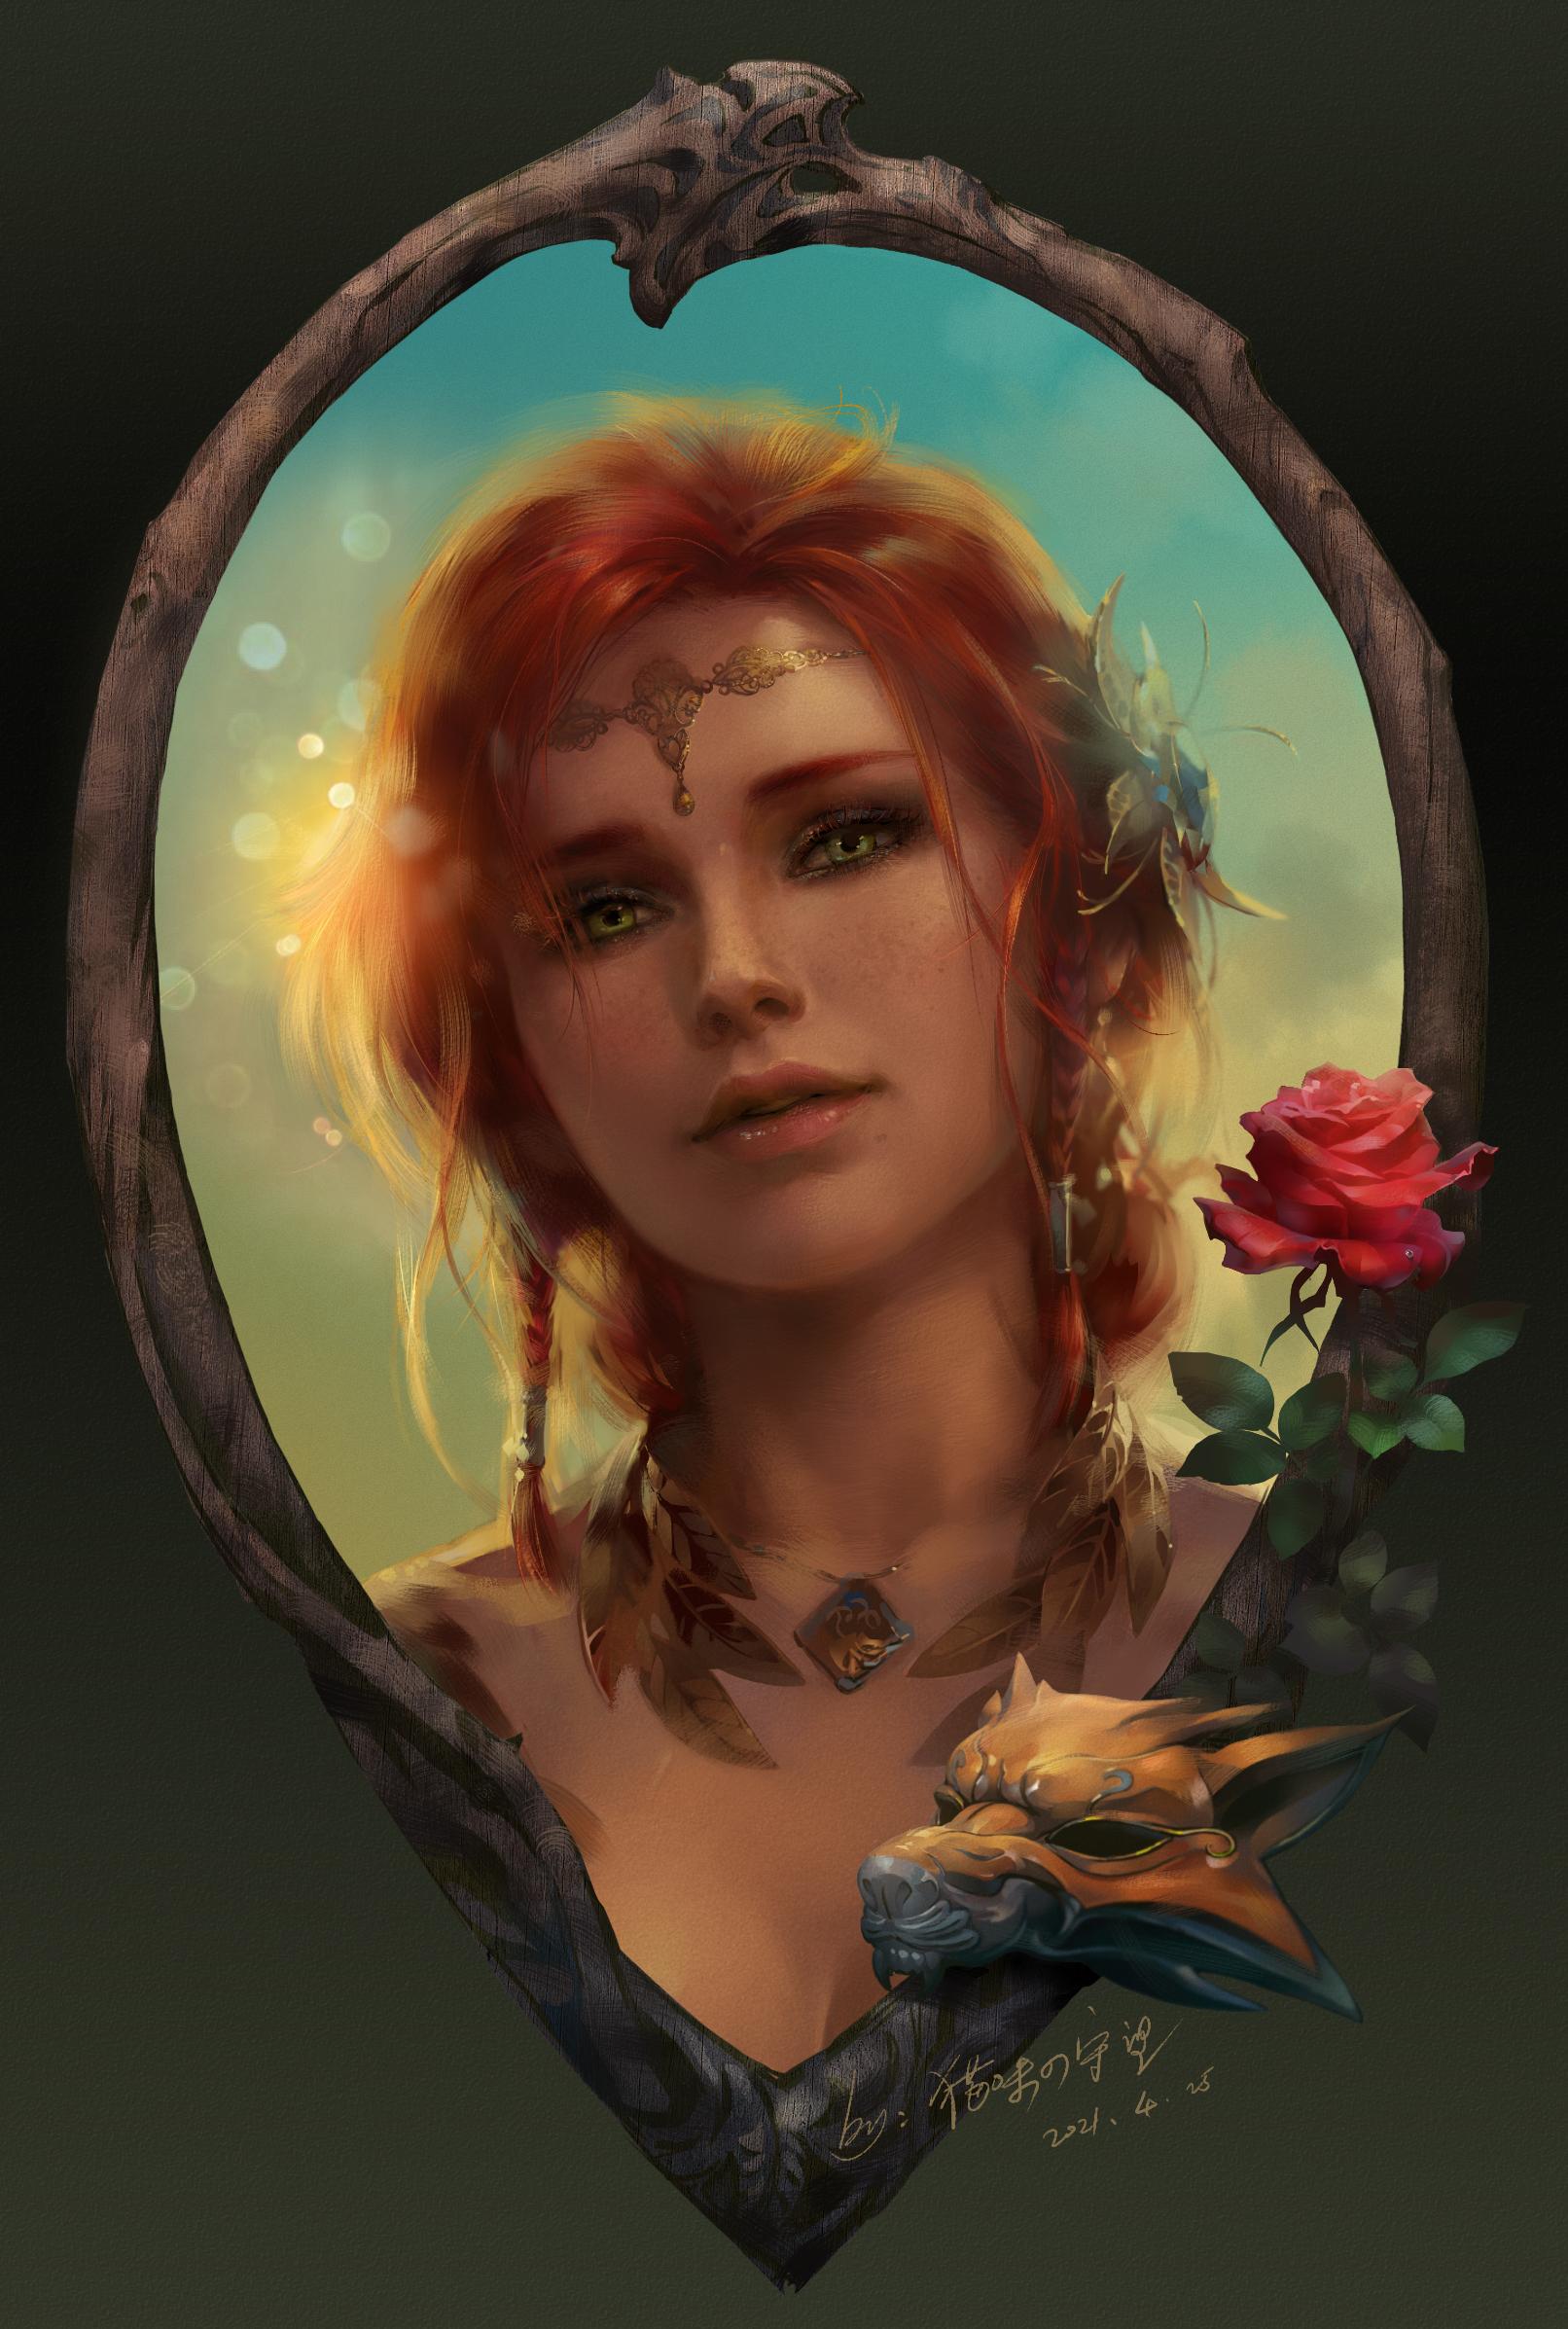 Авторы Ведьмака влюбились в фанатский портрет Трисс Меригольд